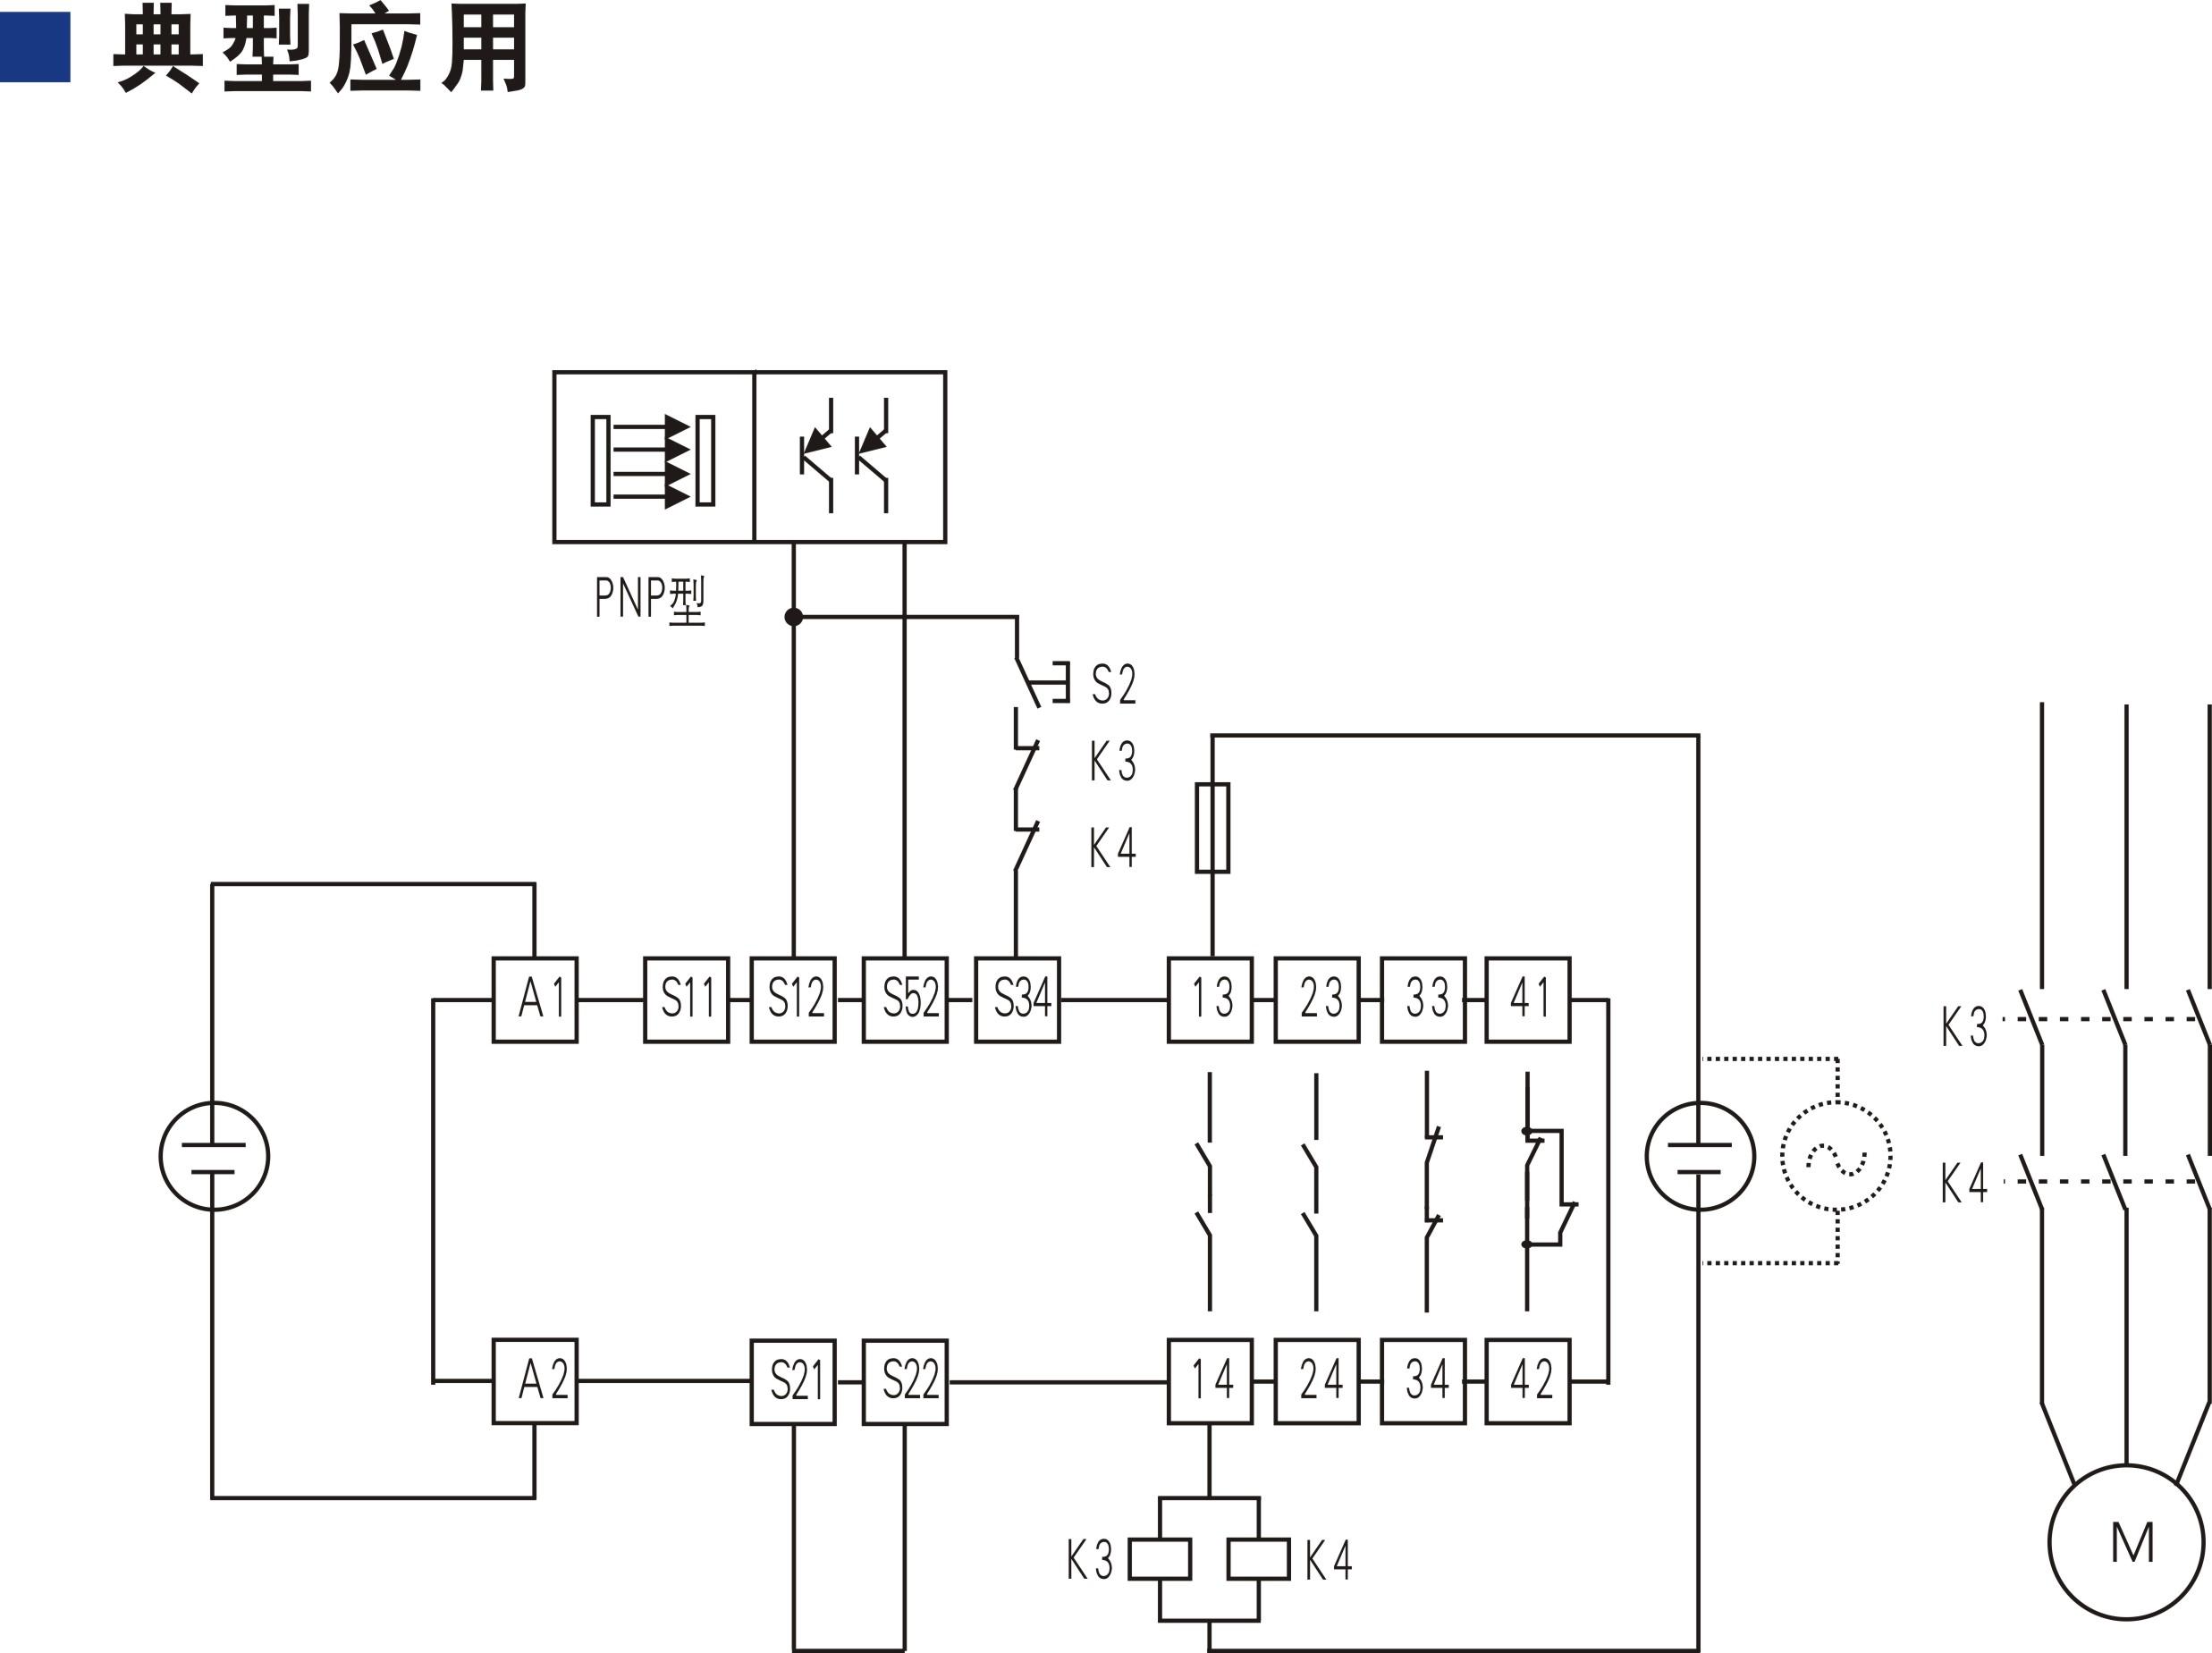 开关型安全设备输入 (PNP型安全光幕 24V DC 2NO+2NC 自动/手动复位)